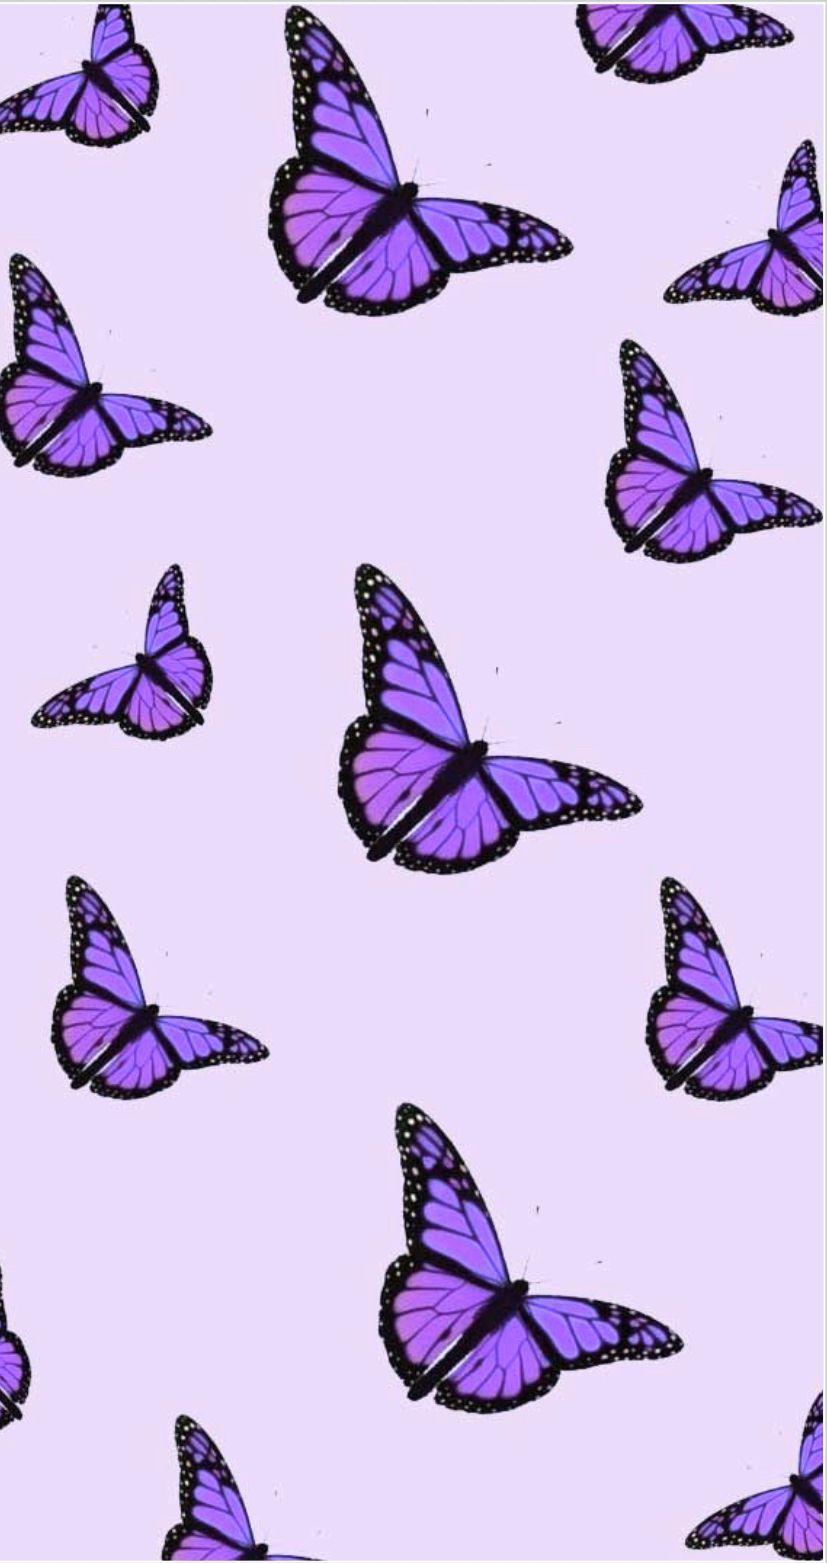 Viola estetica farfalla in 2020 | Butterfly wallpaper ...